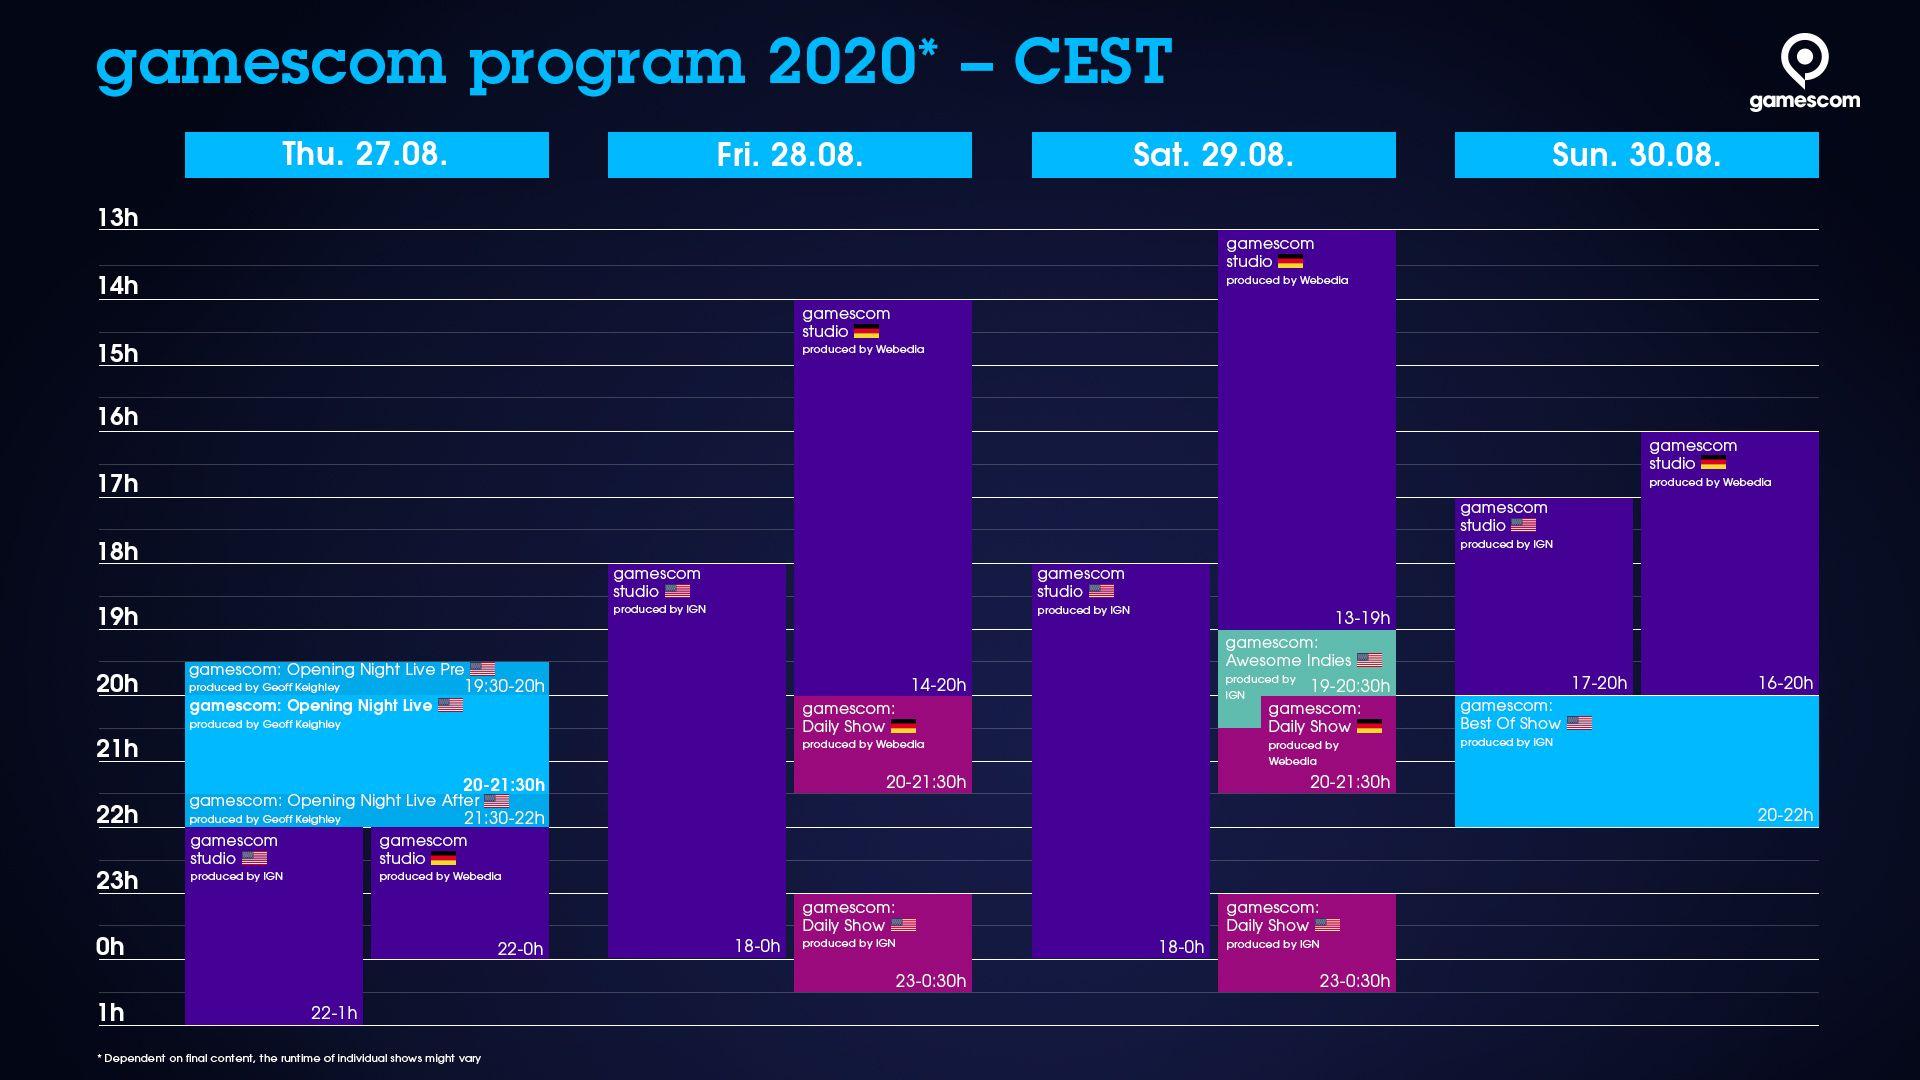 Calendário oficial da Gamescom 2020. (Foto: Divulgação/Gamescom)